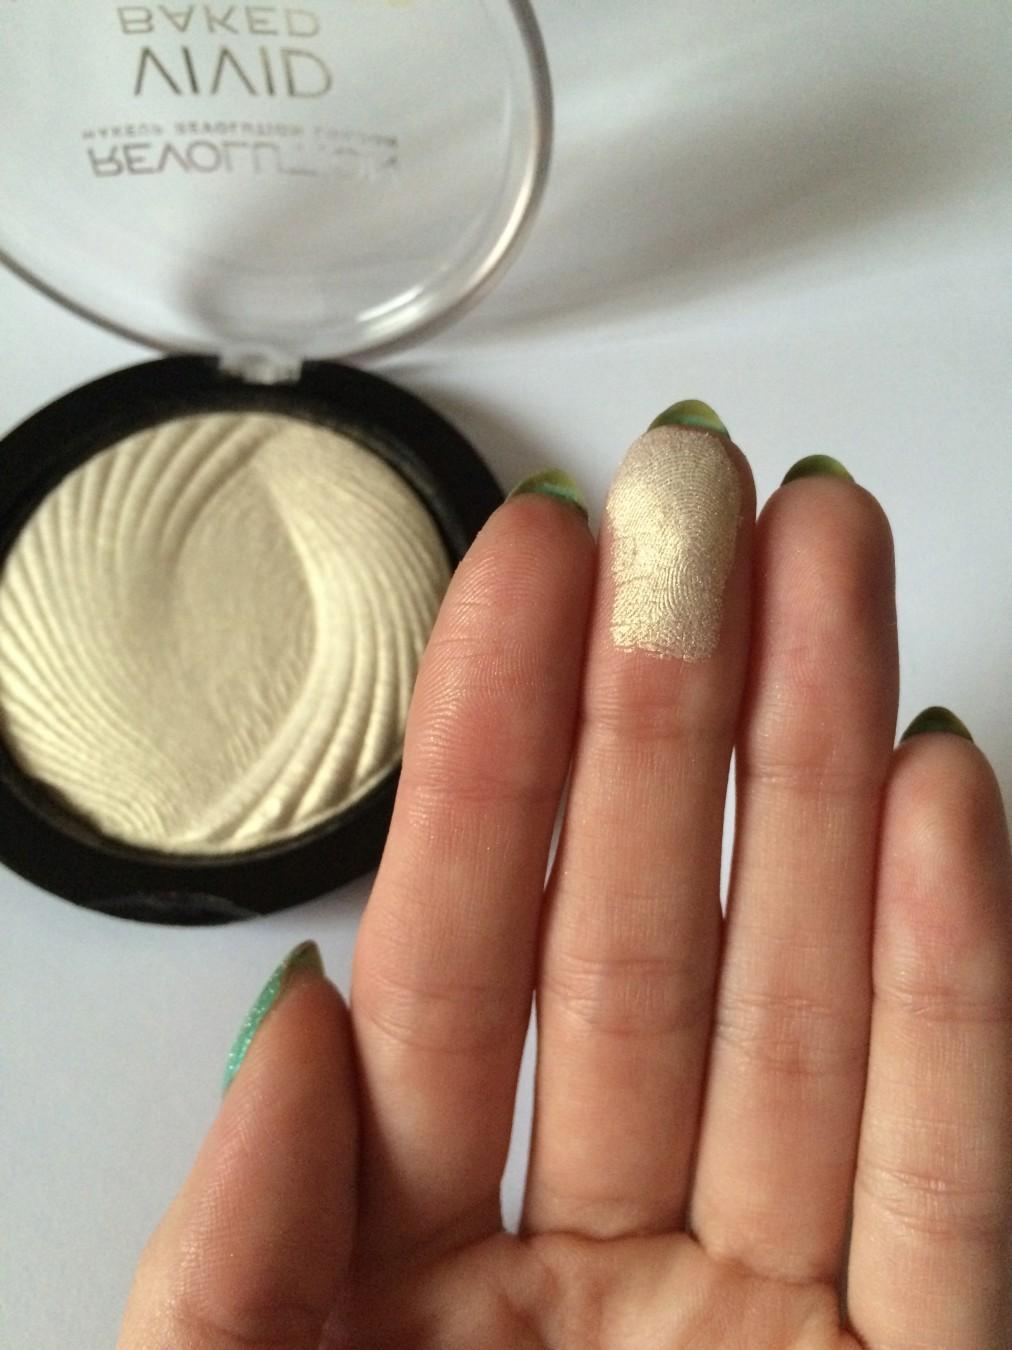 Makeup-Revolution-vivid-Baked-highlighter-hajlajter-_slika_O_75385181